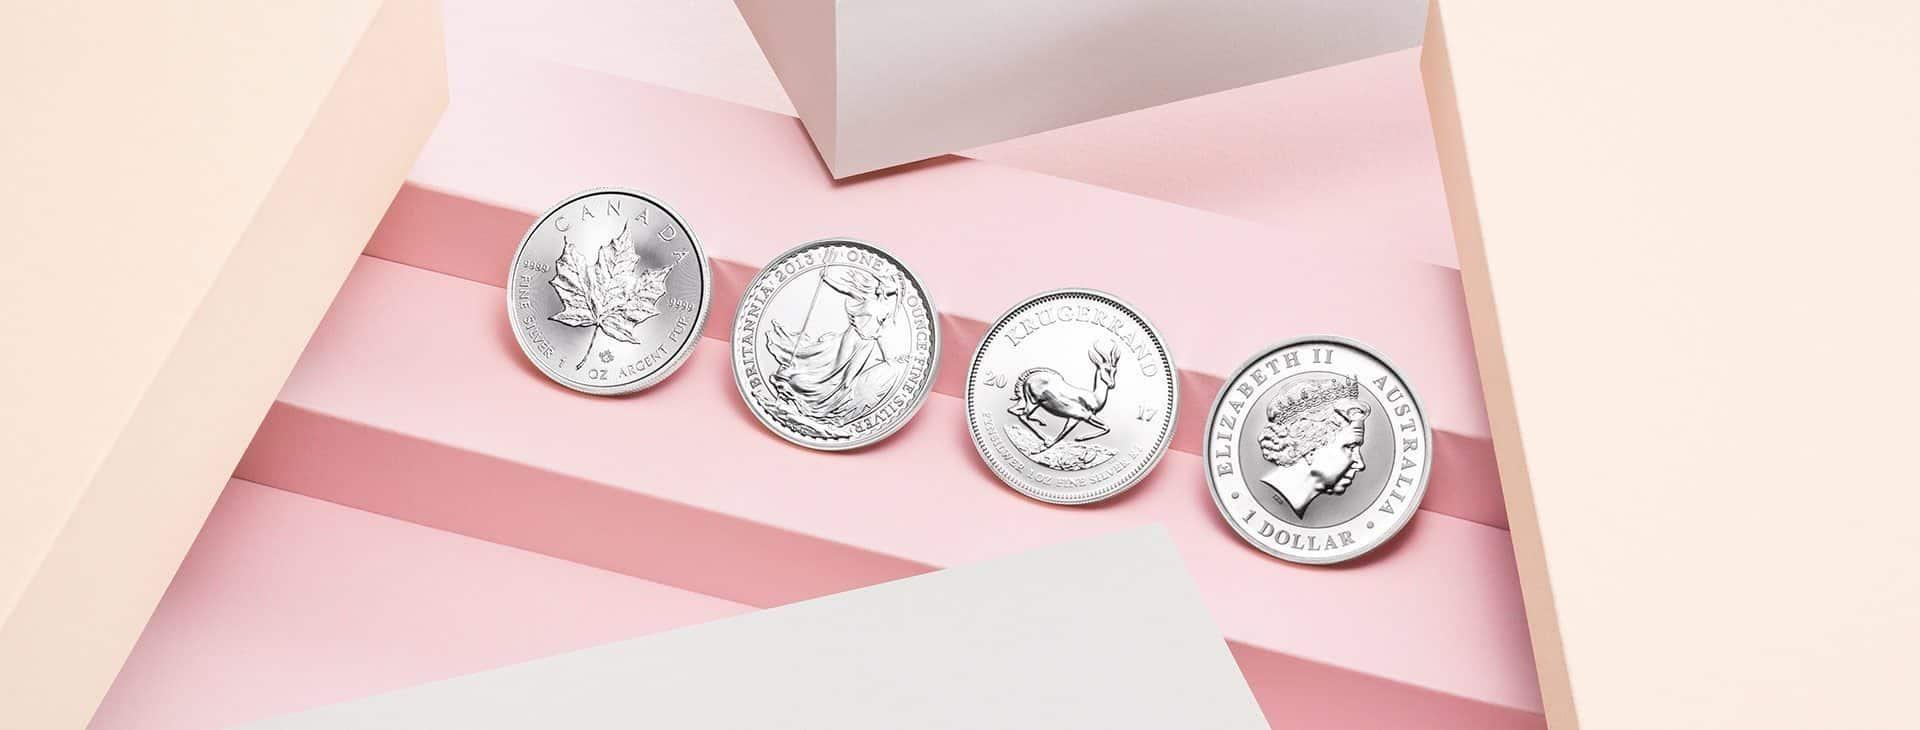 Preisliste Silbermünzen